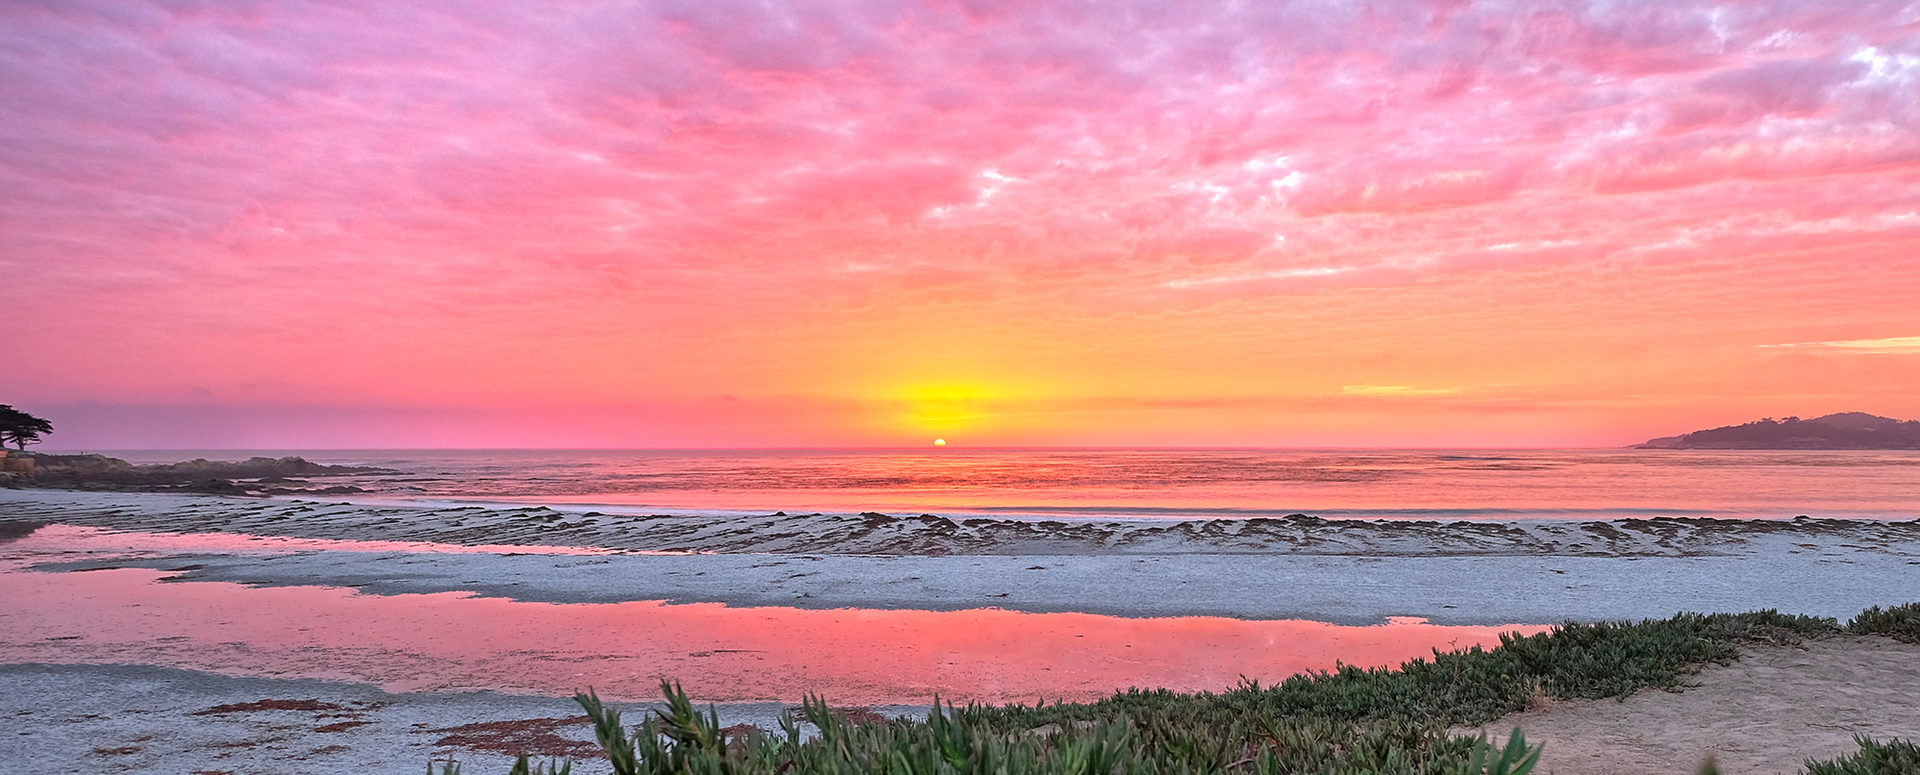 carmel Sunset by Manny Espinoza Photogra